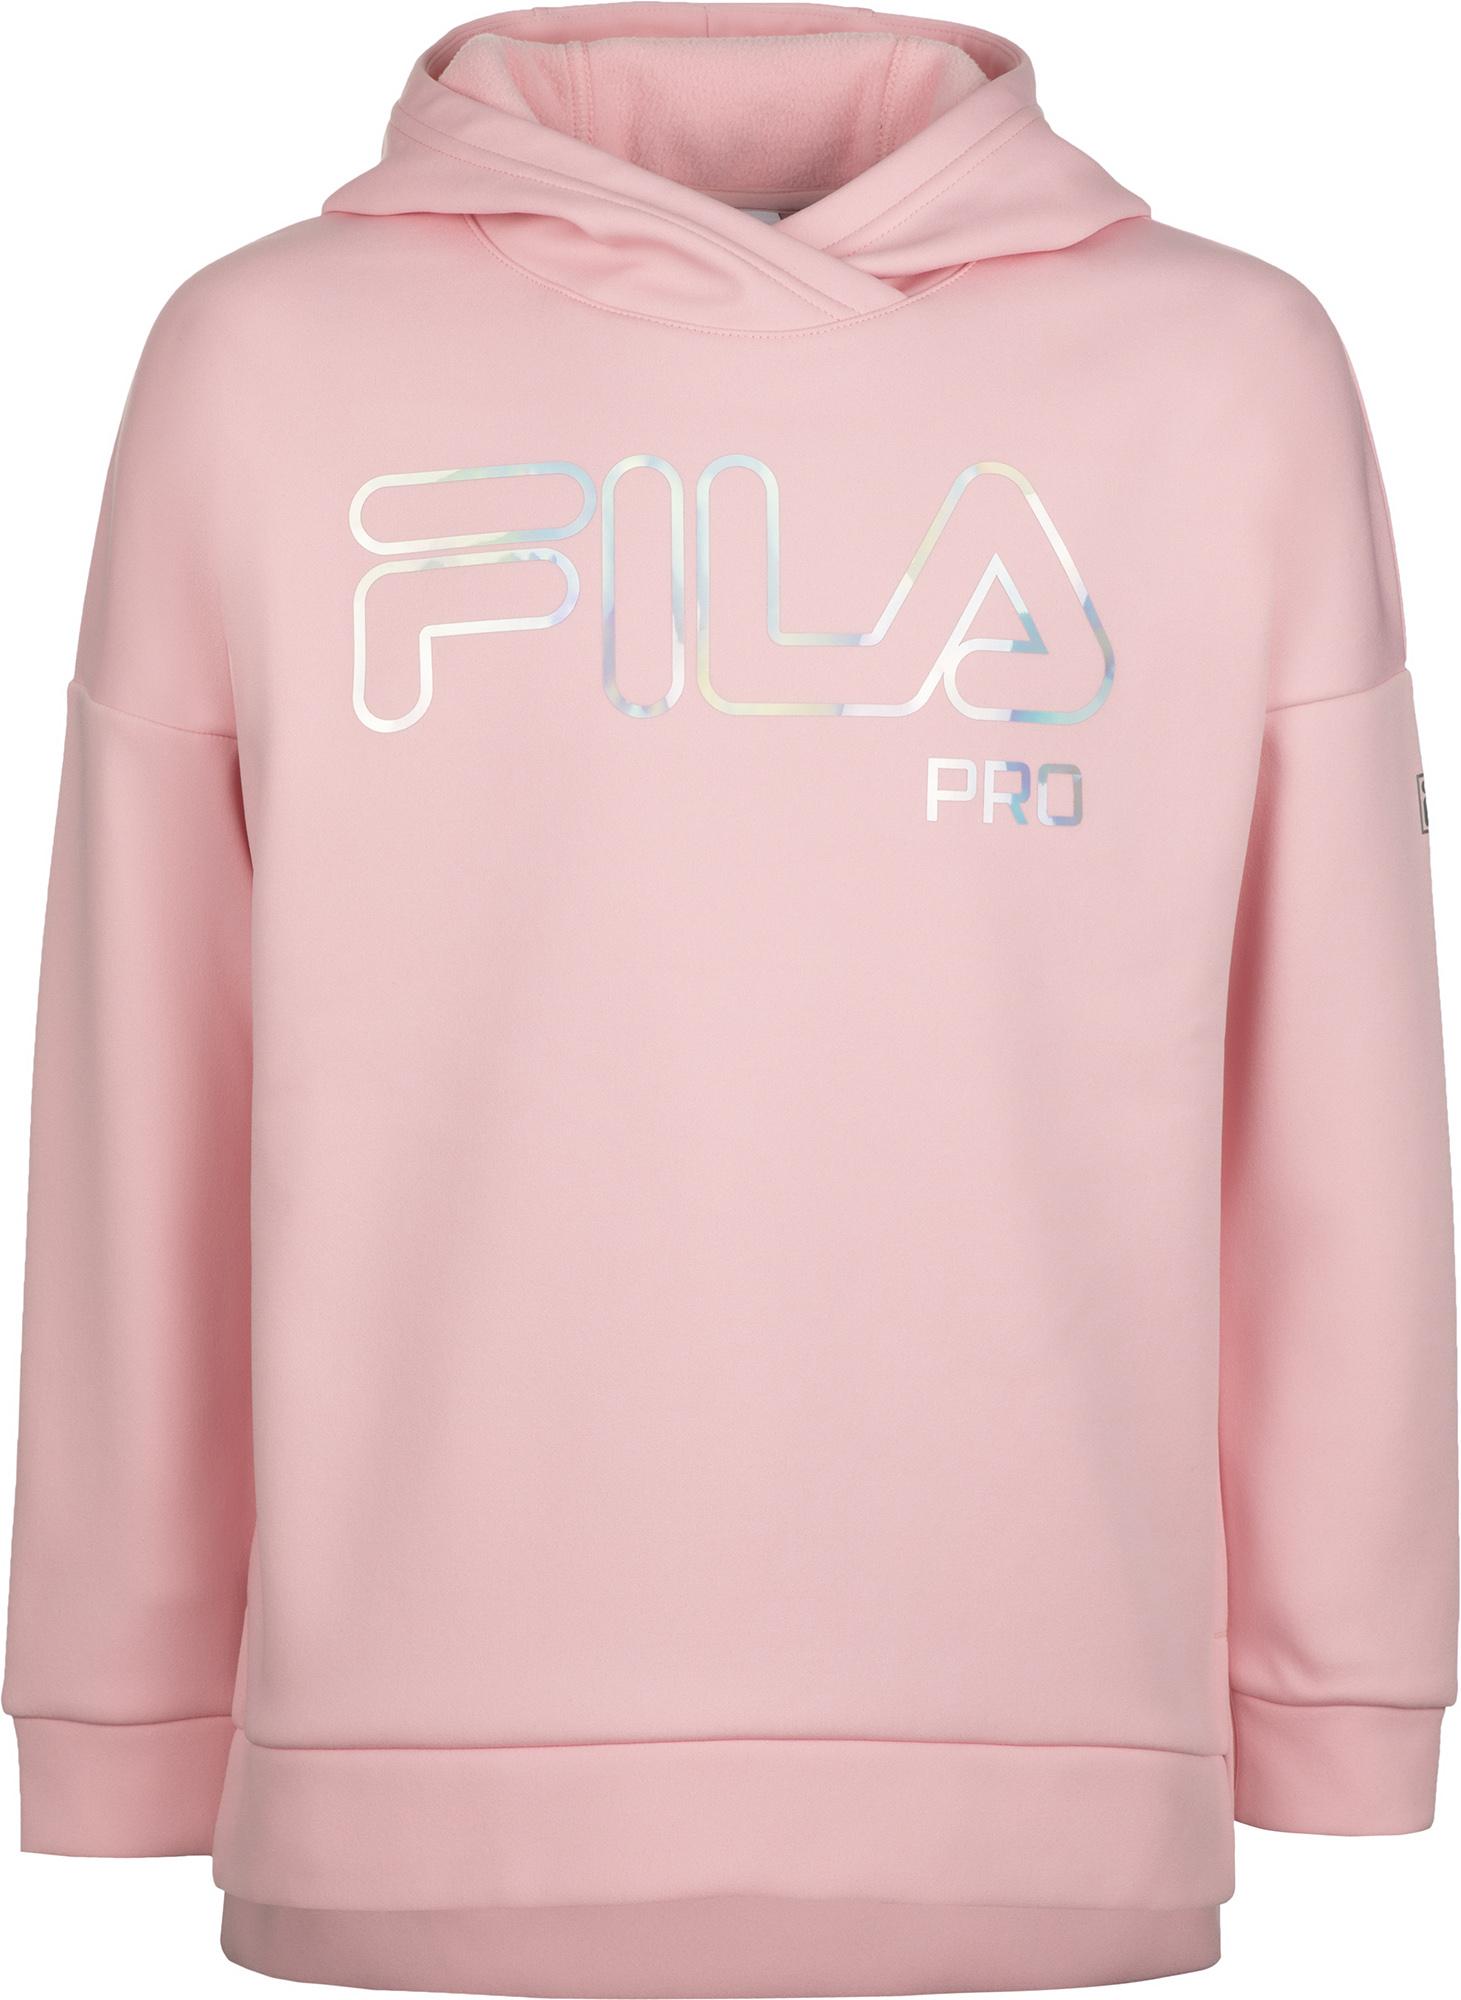 fila худи для девочек fila размер 164 Fila Худи для девочек Fila, размер 140